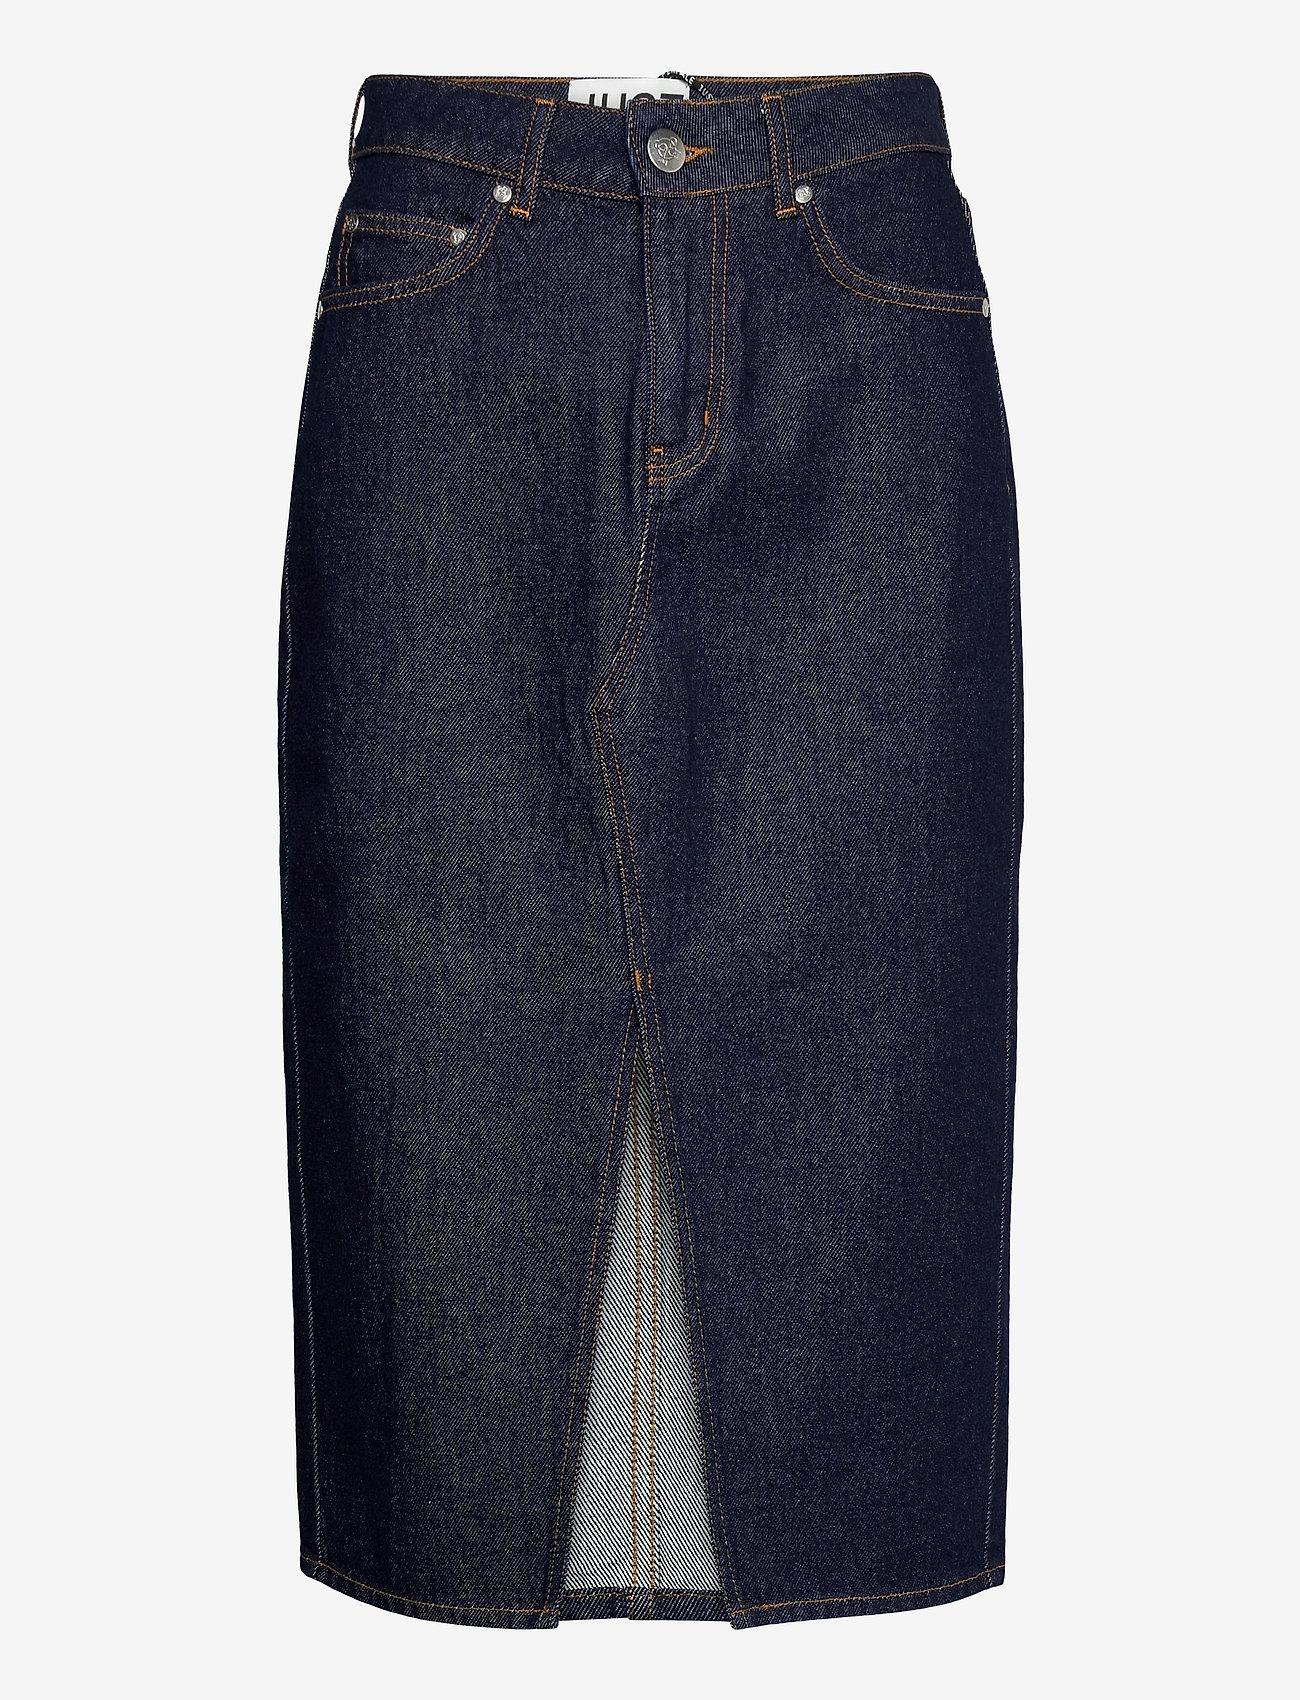 Just Female - Pacific skirt 0103 - jeanskjolar - blue rinse - 1